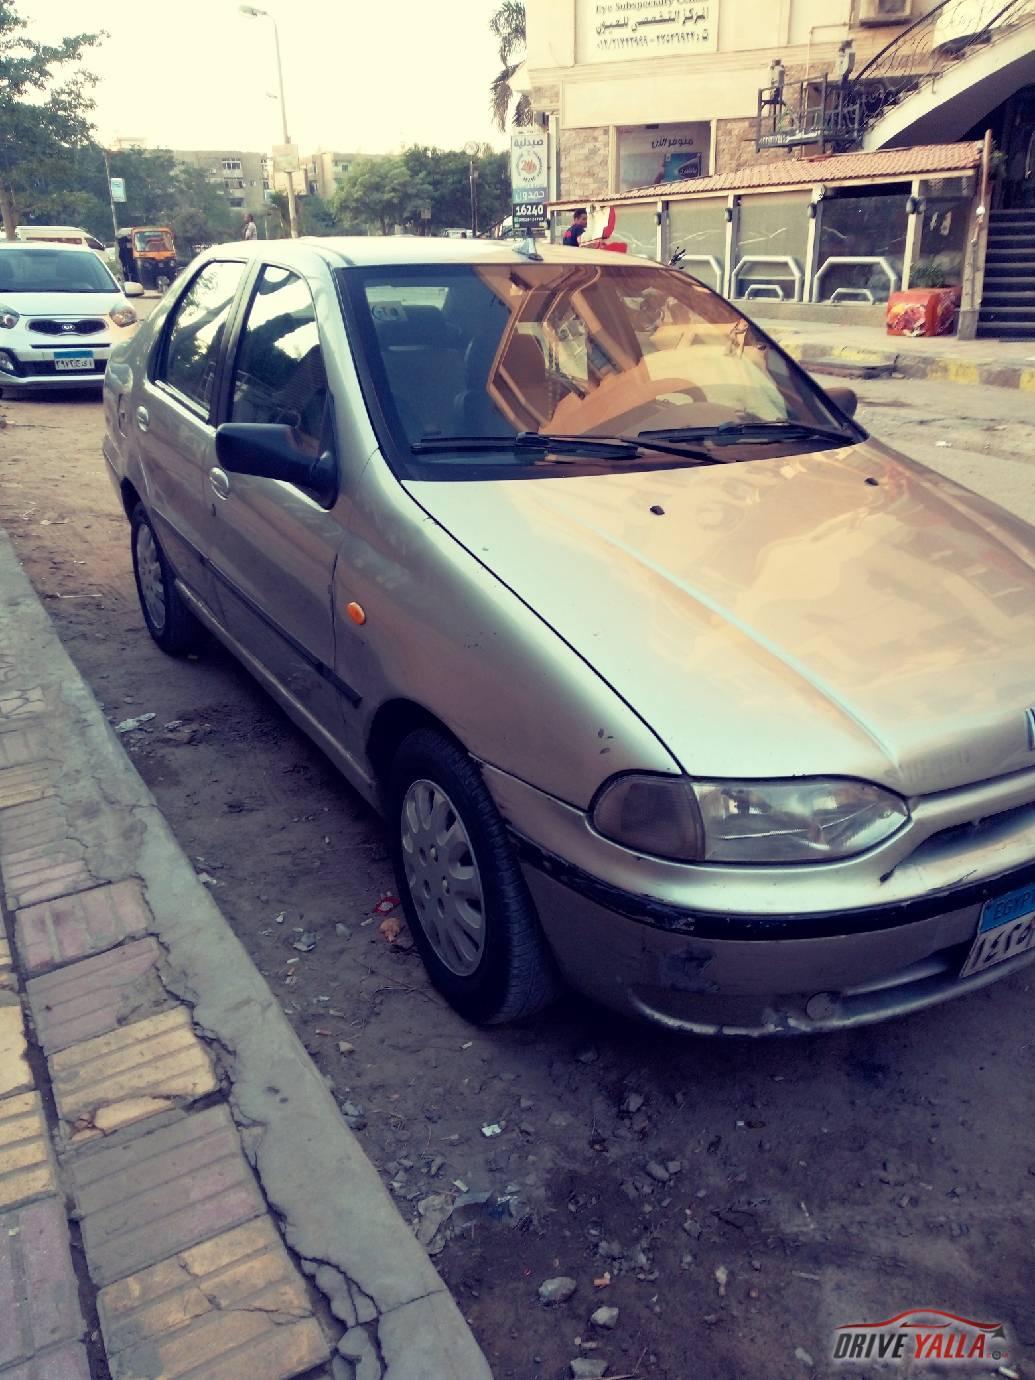 فيات سيينا  مستعملة للبيع فى مصر موديل ٢٠٠٠